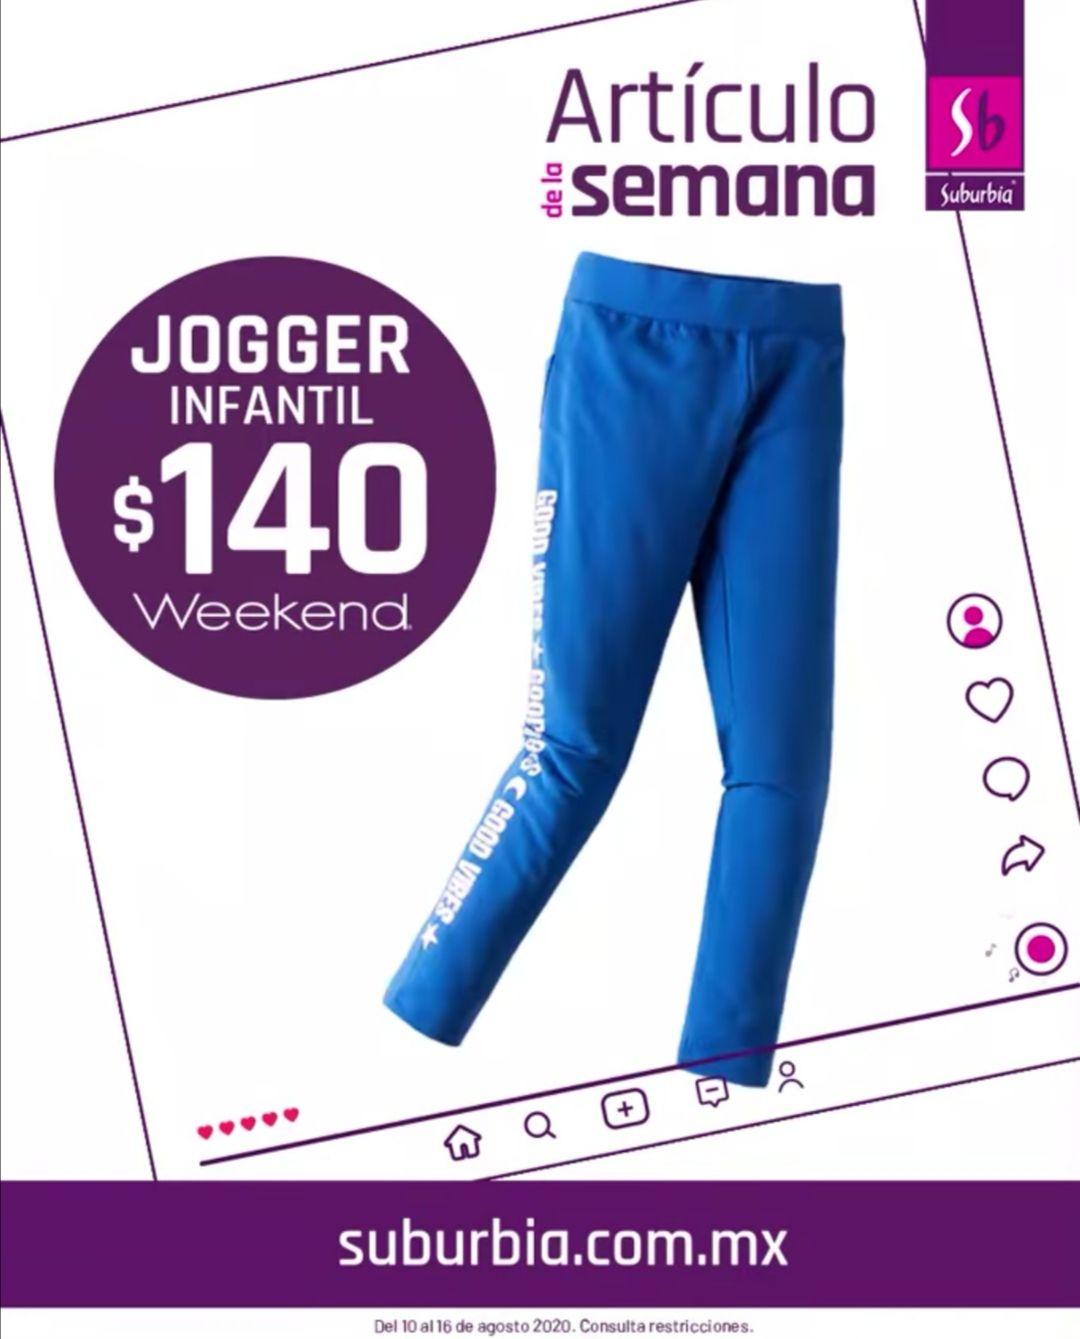 Suburbia: Artículo de la Semana del Lunes 10 al Domingo 16 Agosto: Jogger infantil Weekend $140